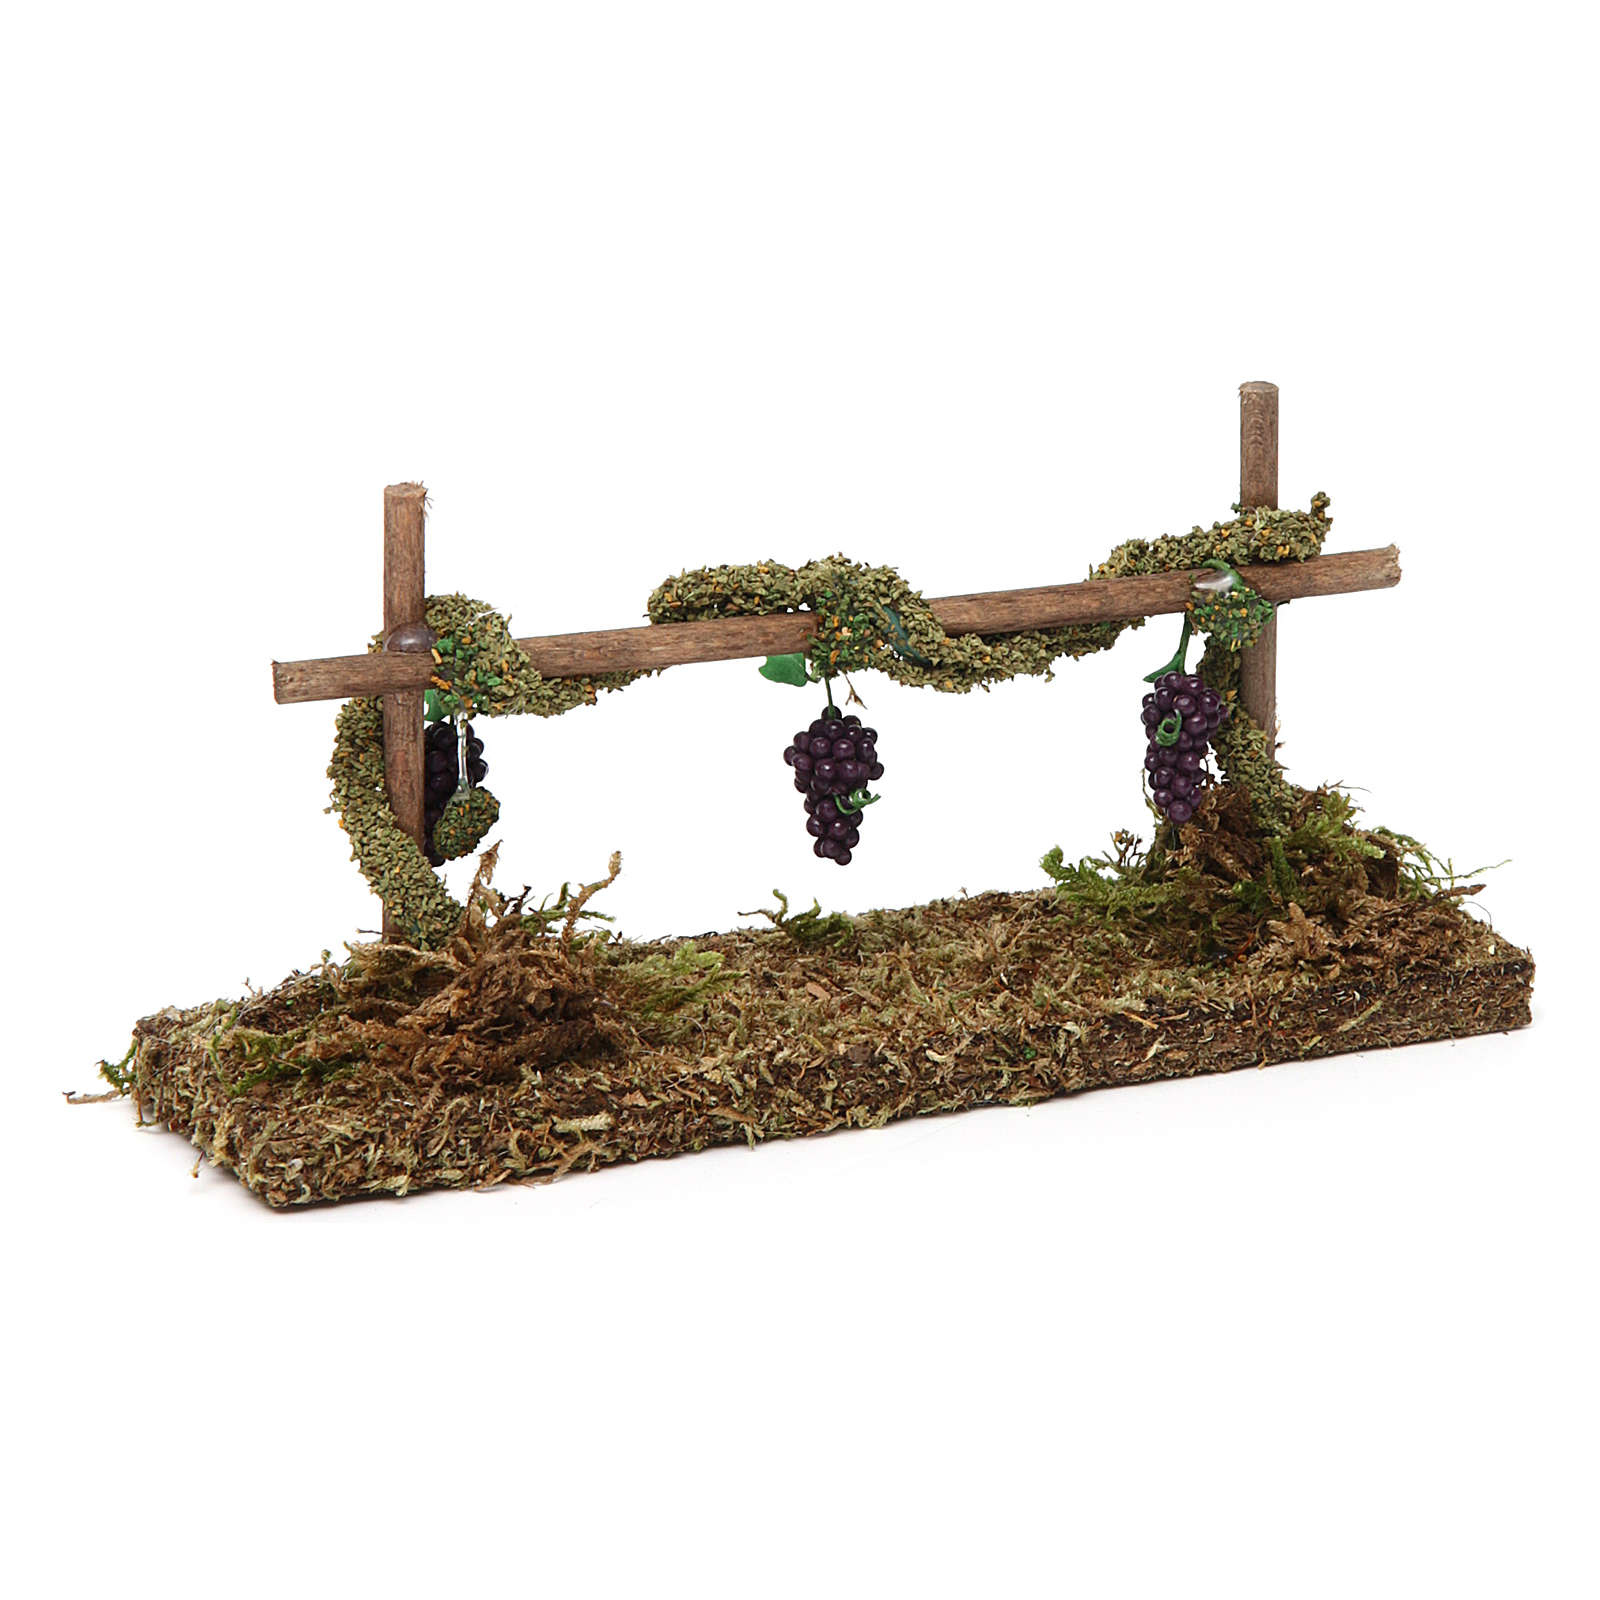 Vigne avec raisin 5x15x5 cm 4